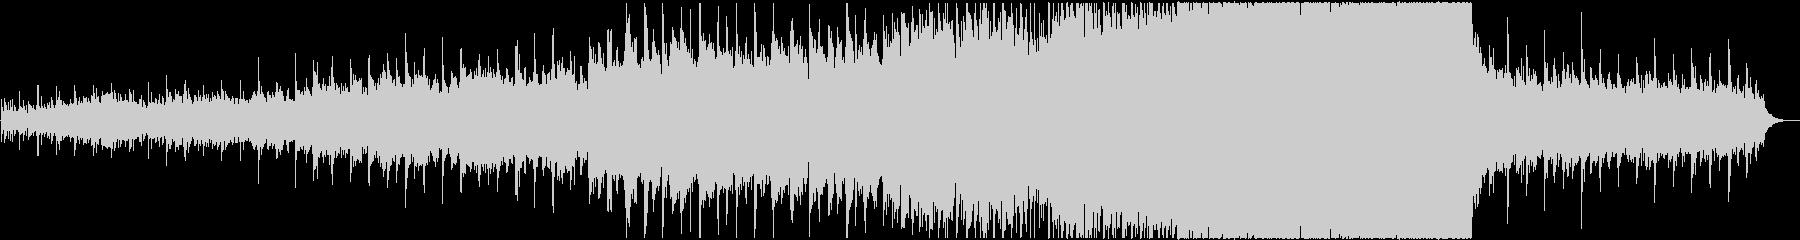 シンセサイザーやピアノを使用、感動的な曲の未再生の波形